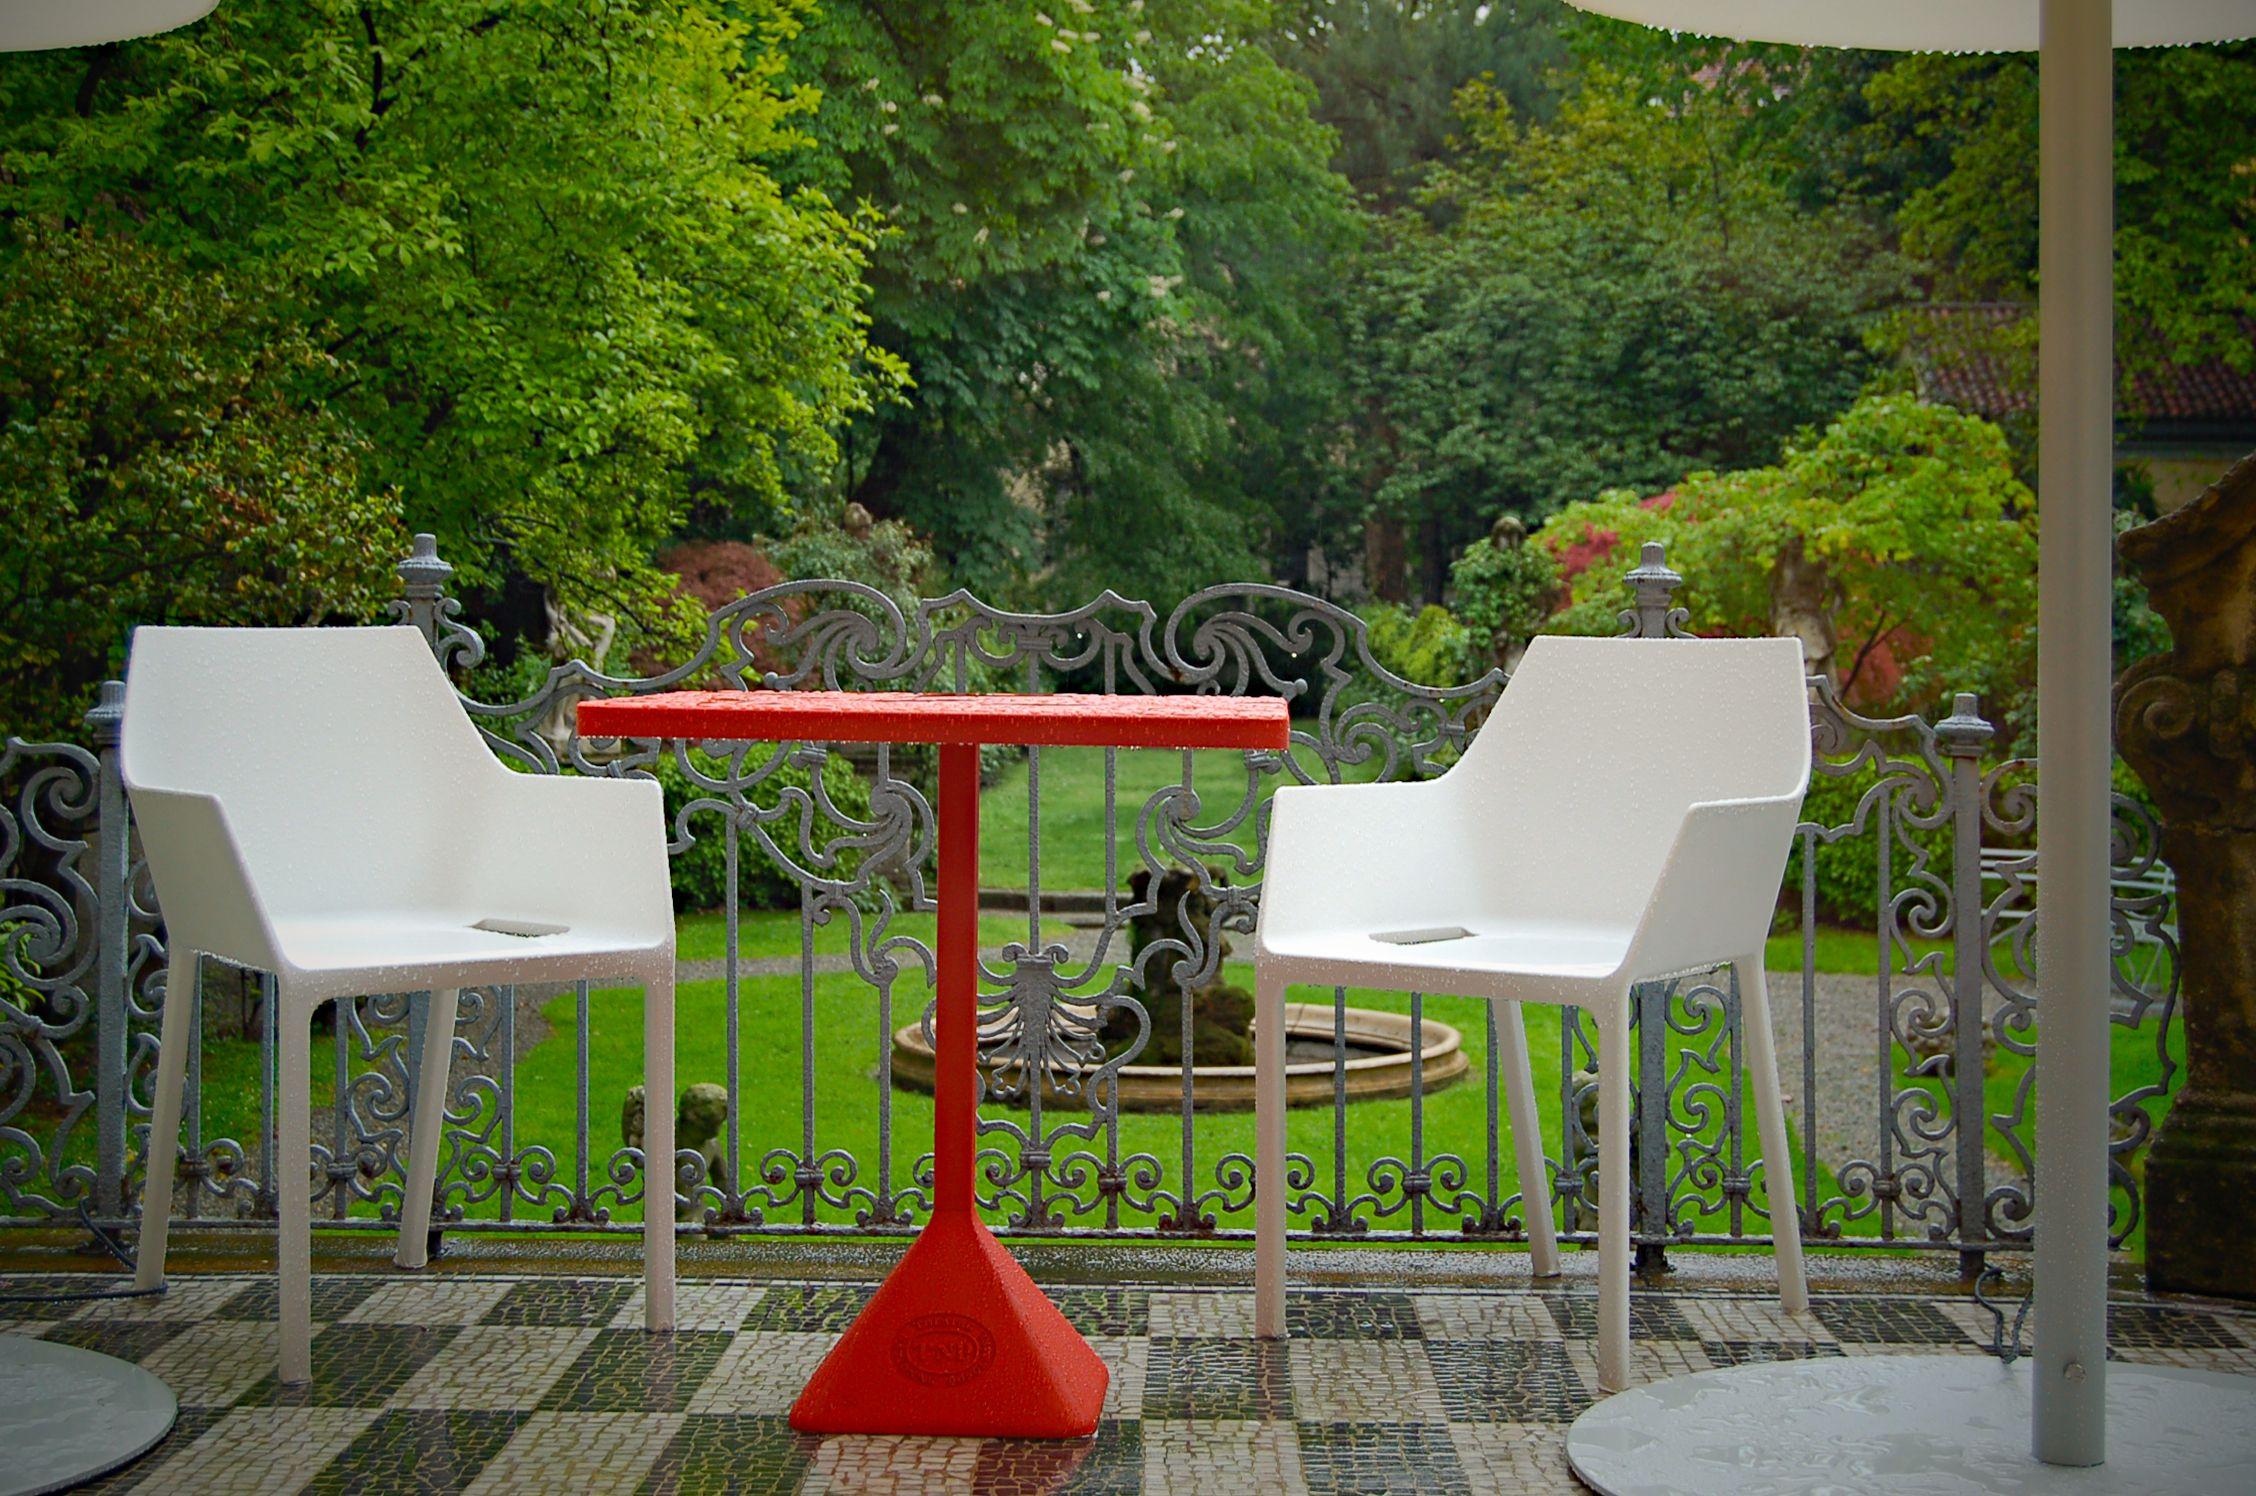 TNP kültéri asztal + Mem kültéri szék. Christophe Pillet